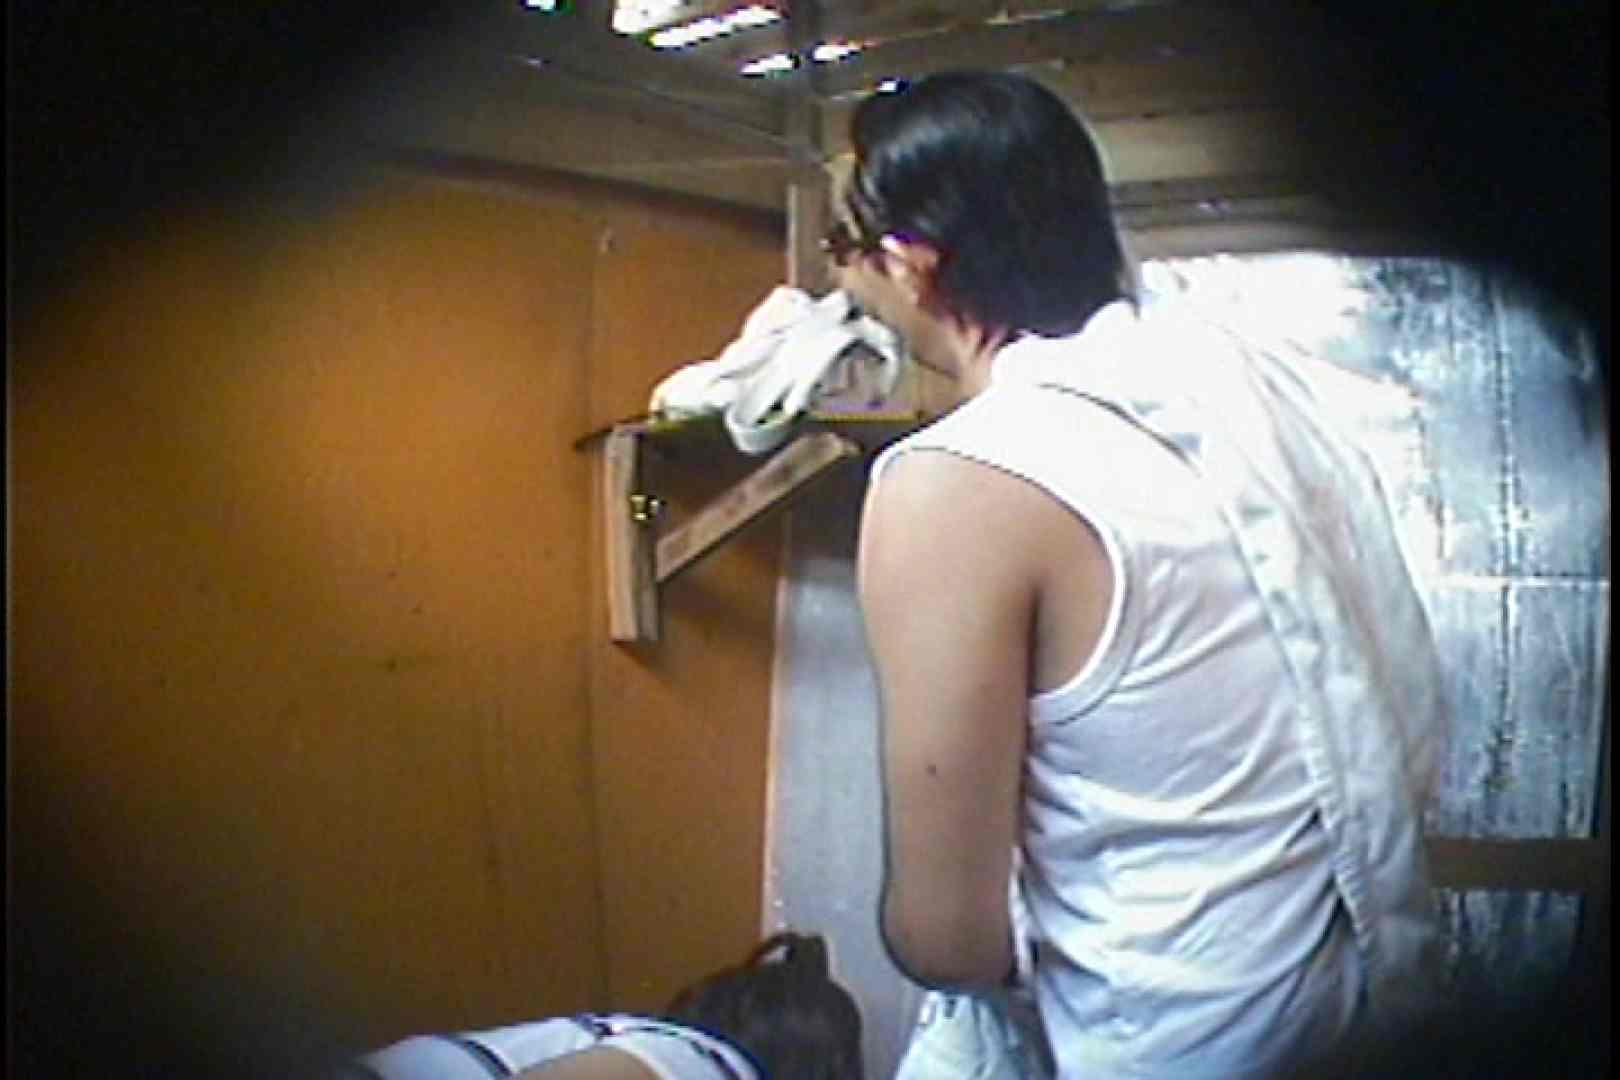 海の家の更衣室 Vol.57 シャワー室 アダルト動画キャプチャ 99枚 22